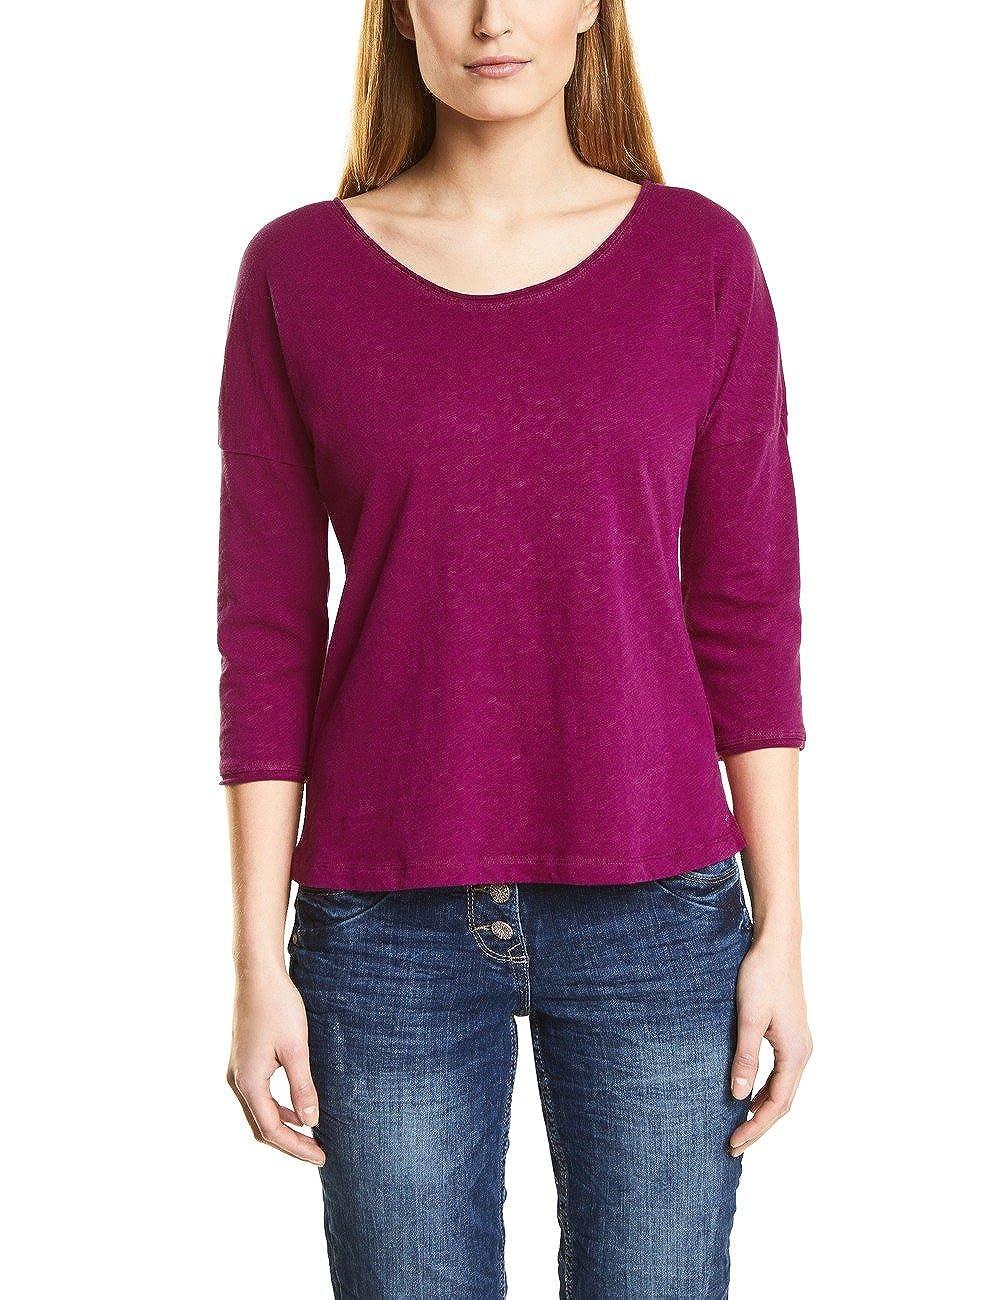 TianWlio Frauen Drucken /ärmellose Mode Top V-Ausschnitt Weste Tank Shirt Bluse Tops Gelb gr/ün grau S//M//L//XL//XXL